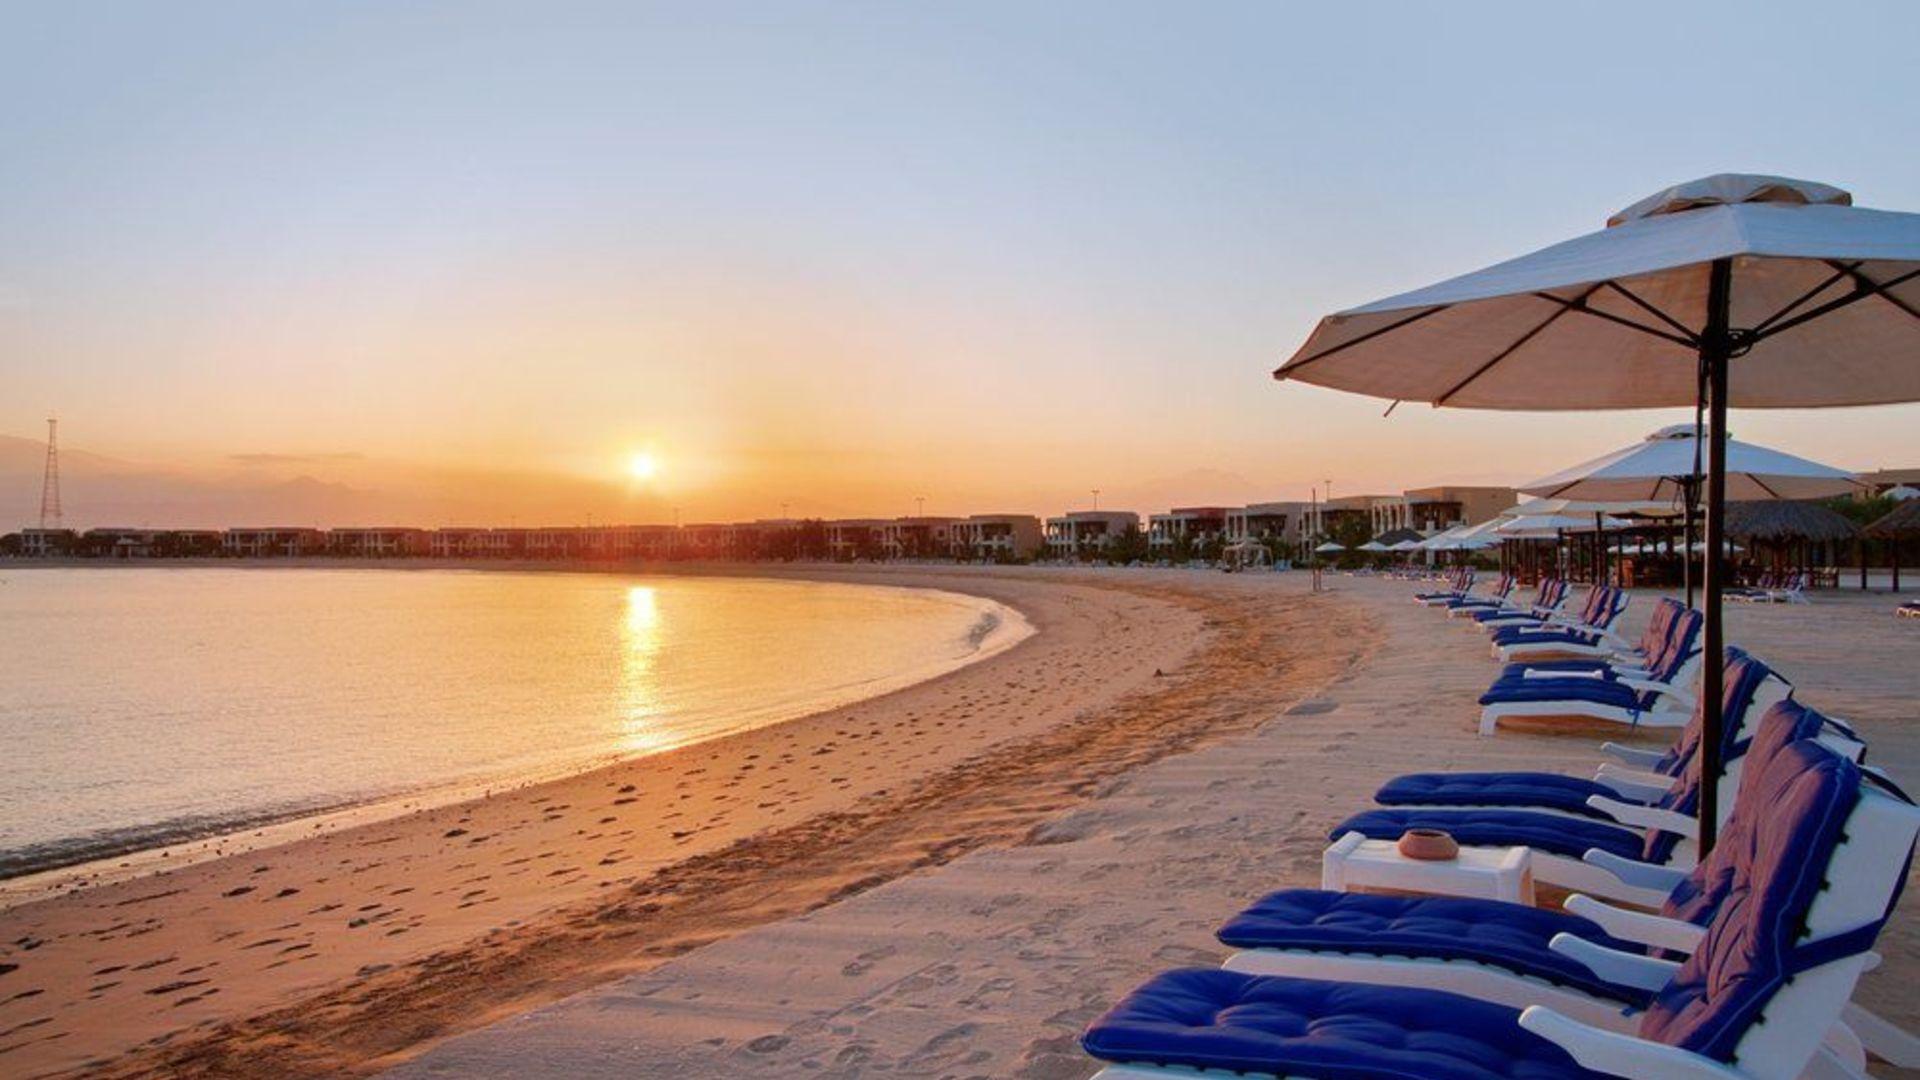 рас аль хайма фото пляжей и набережной фото